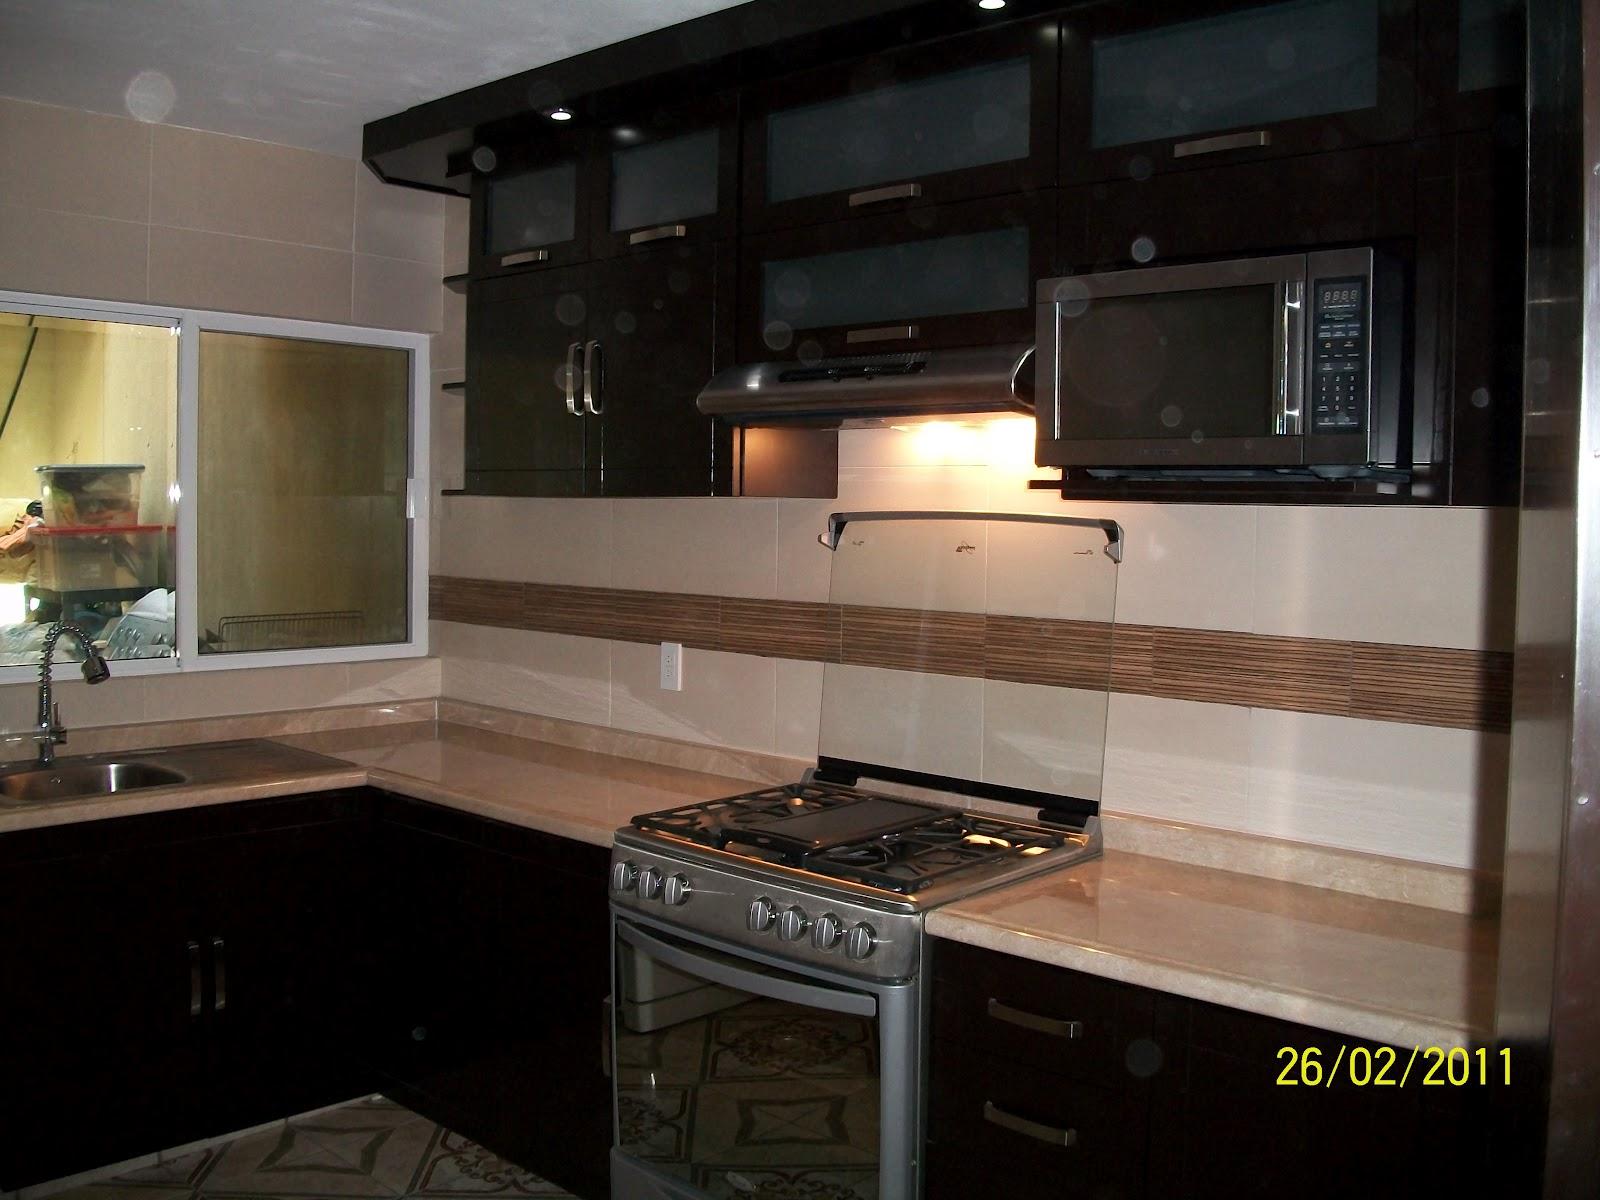 Carpinter a fina galeria for Planos para cocina integral de madera